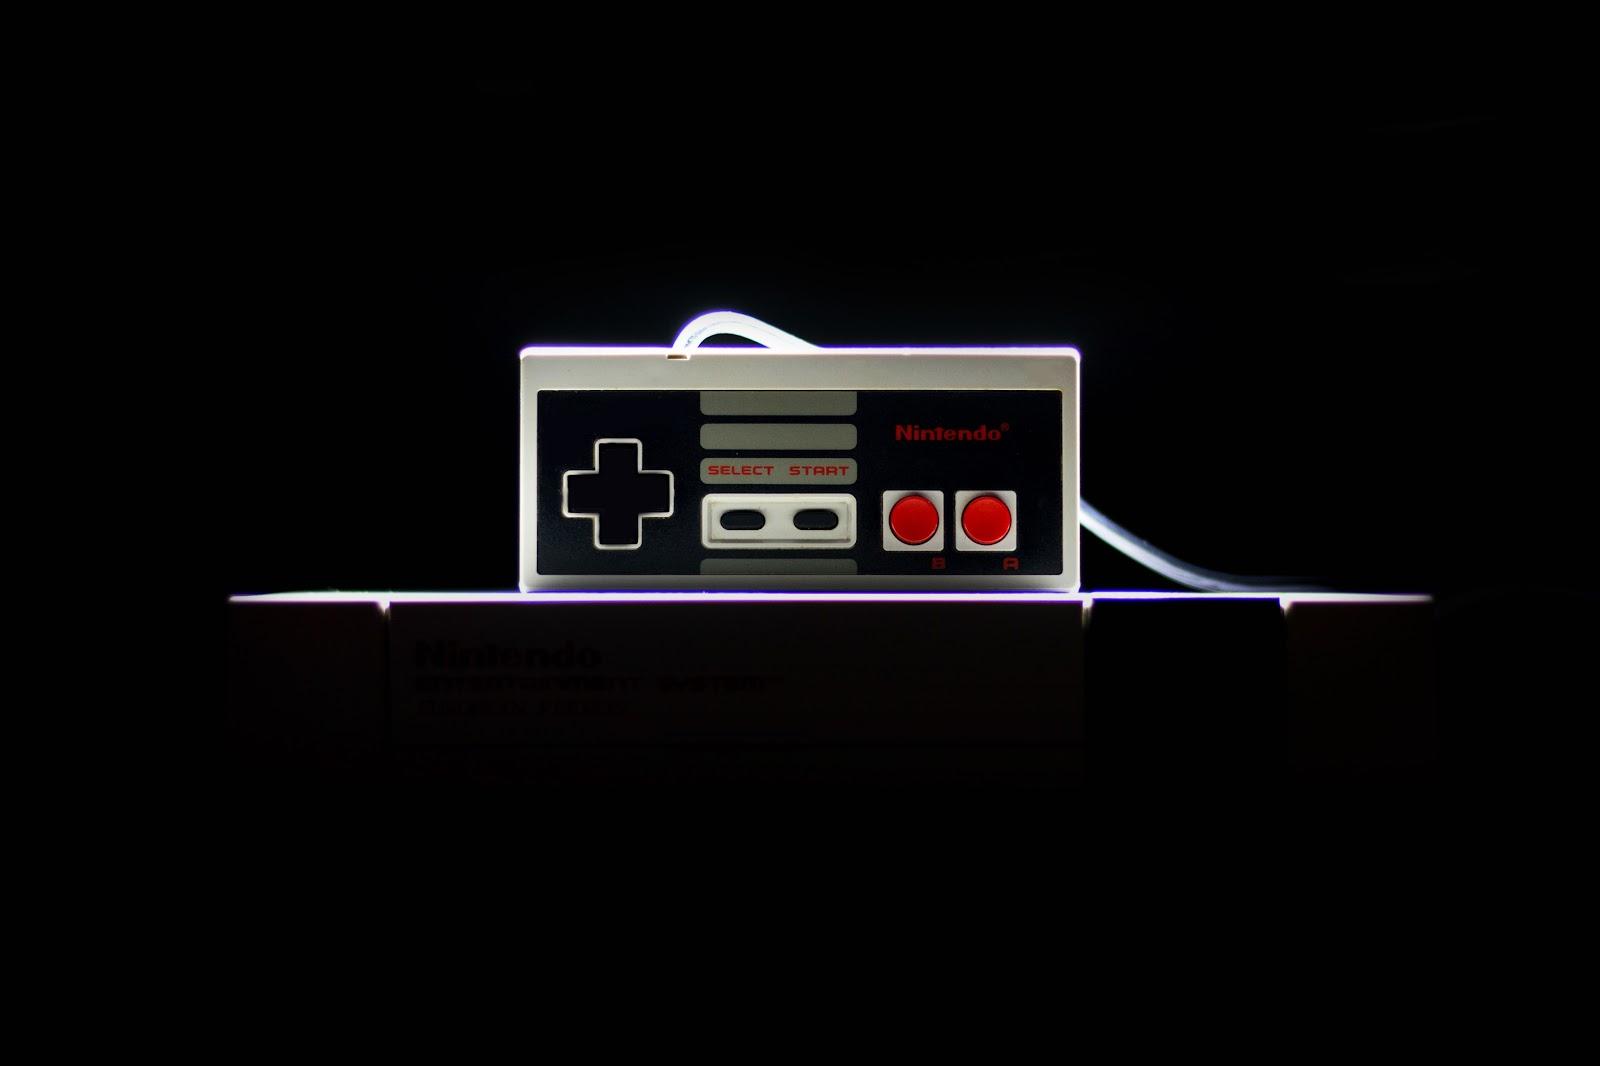 a retro Nintendo controller against a black backdrop